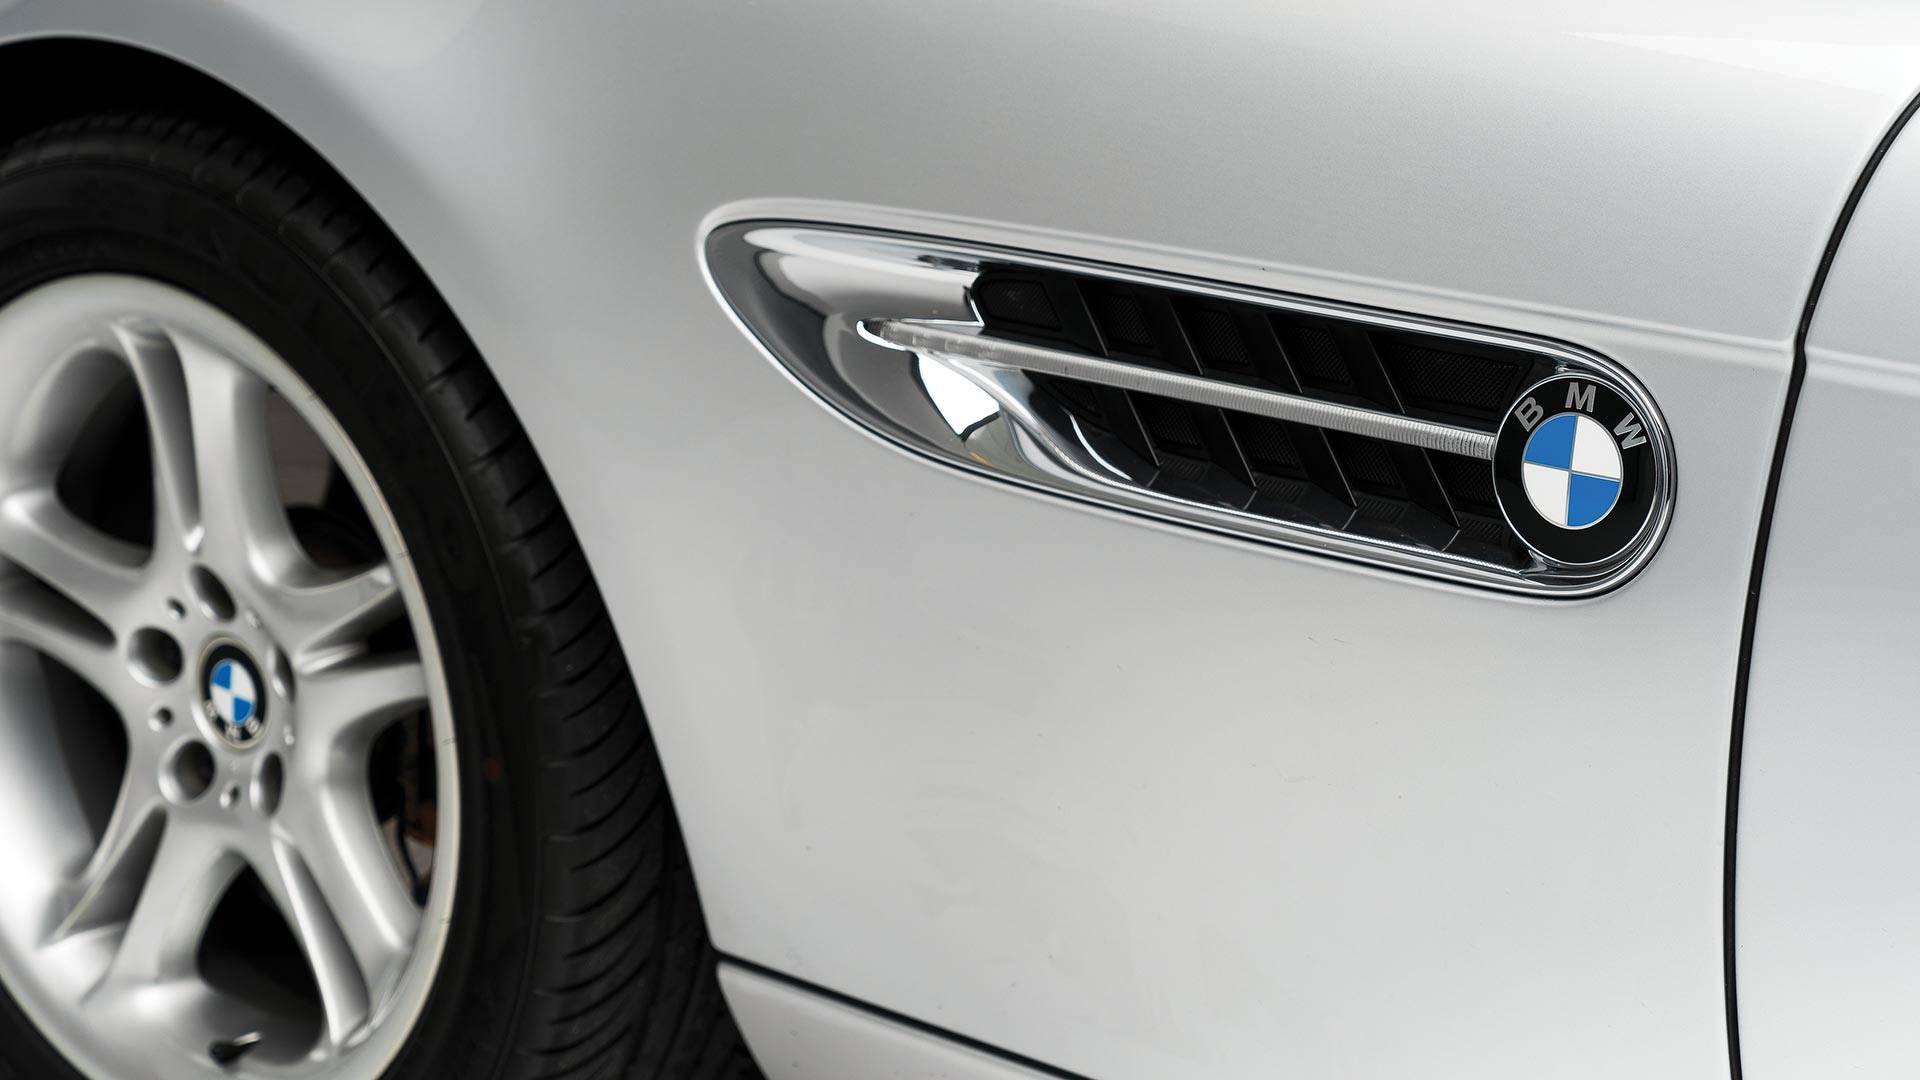 Xe++ - BMW Z8 của Steve Jobs sắp bán đấu giá khởi điểm từ 6,83 tỷ đồng (Hình 8).